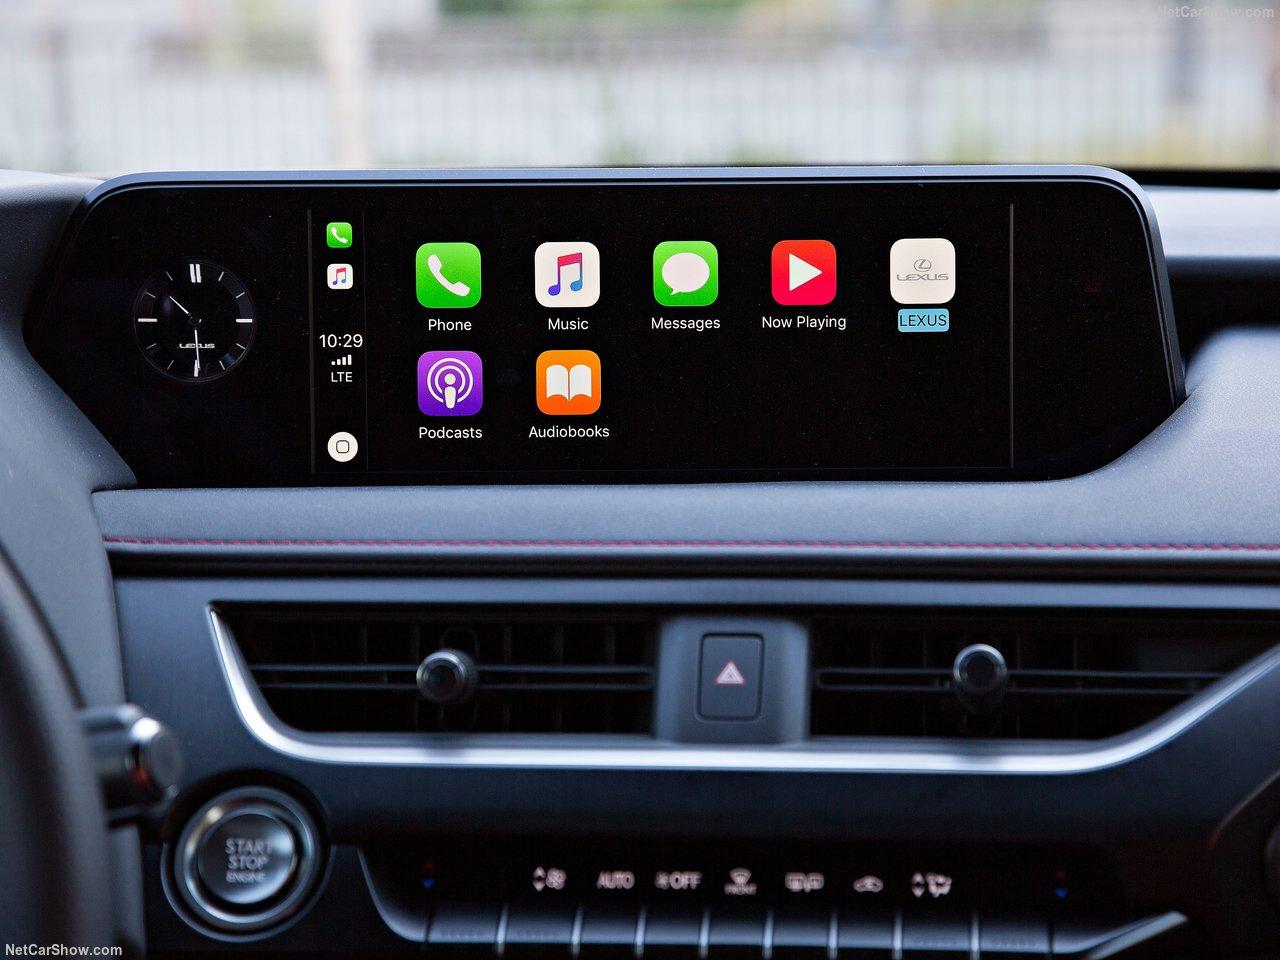 新型SUV「レクサスUX」の内装を検証!後部座席は狭いのか? | 車情報ラウンジ「YOUNG AMG」